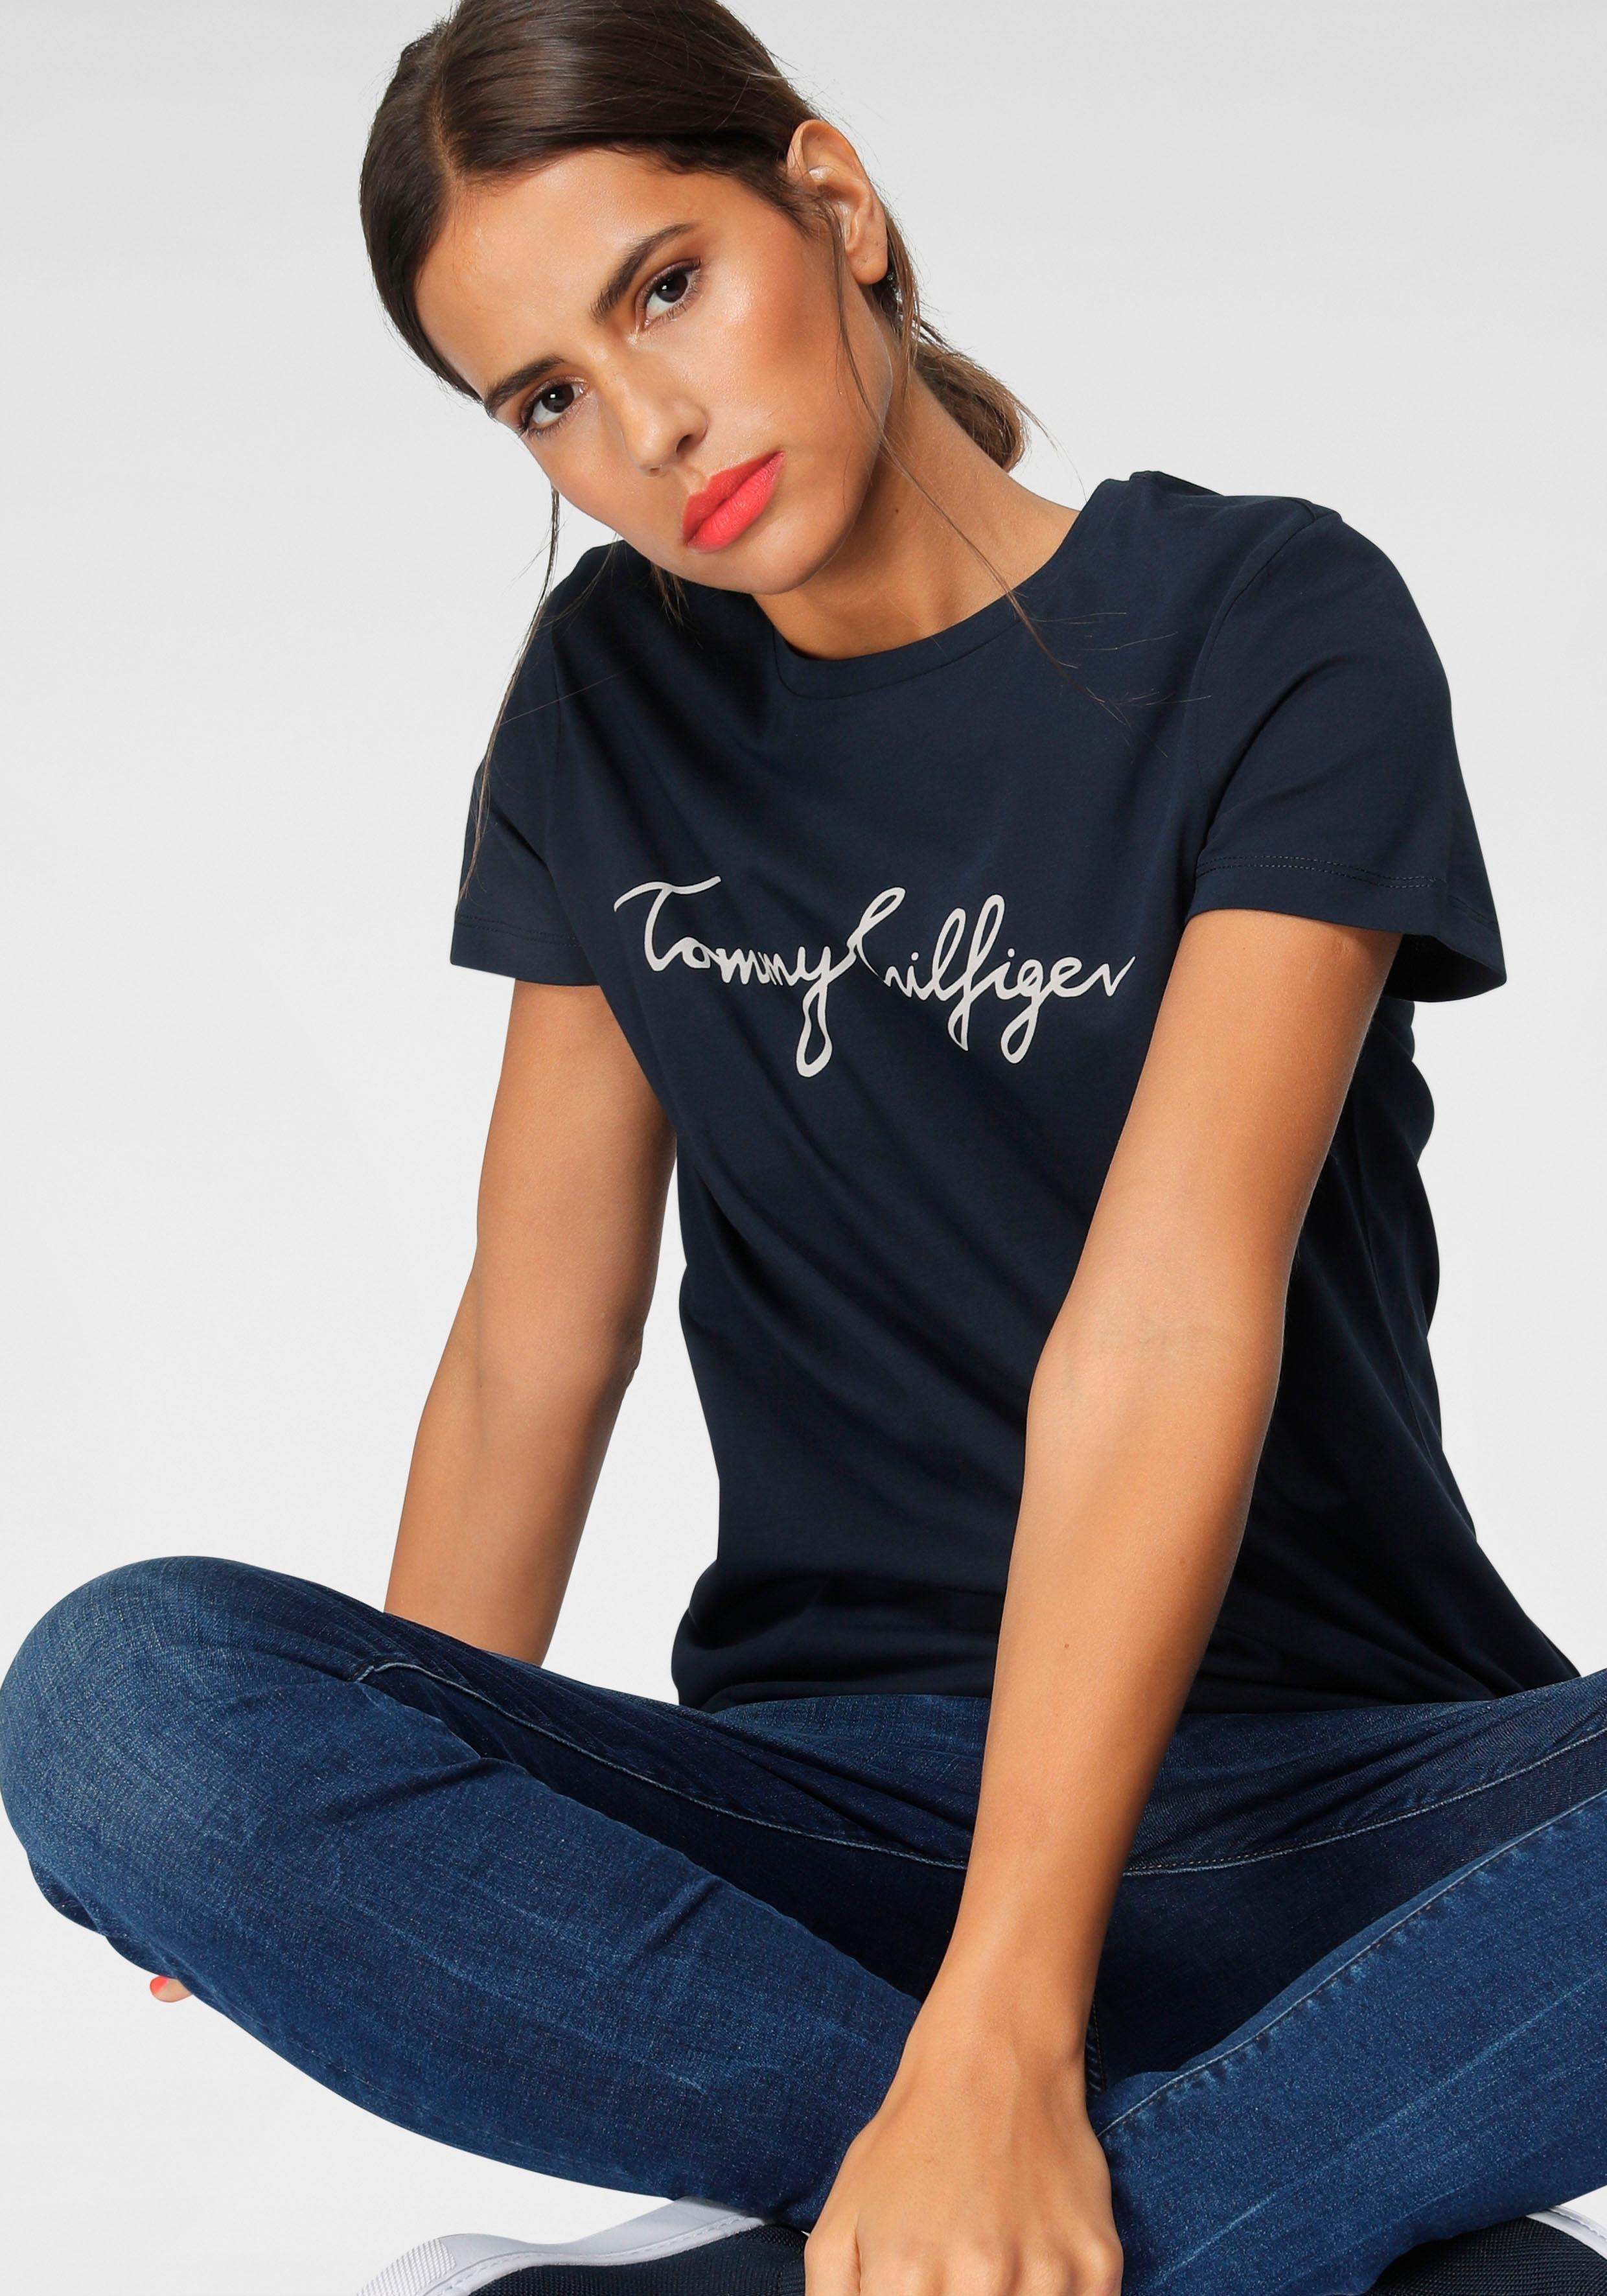 Tommy Hilfiger T-shirt HERITAGE CREW NECK GRAPHIC TEE met tommy hilfiger script-logo-opschrift & merklabel bij de zoom online kopen op otto.nl